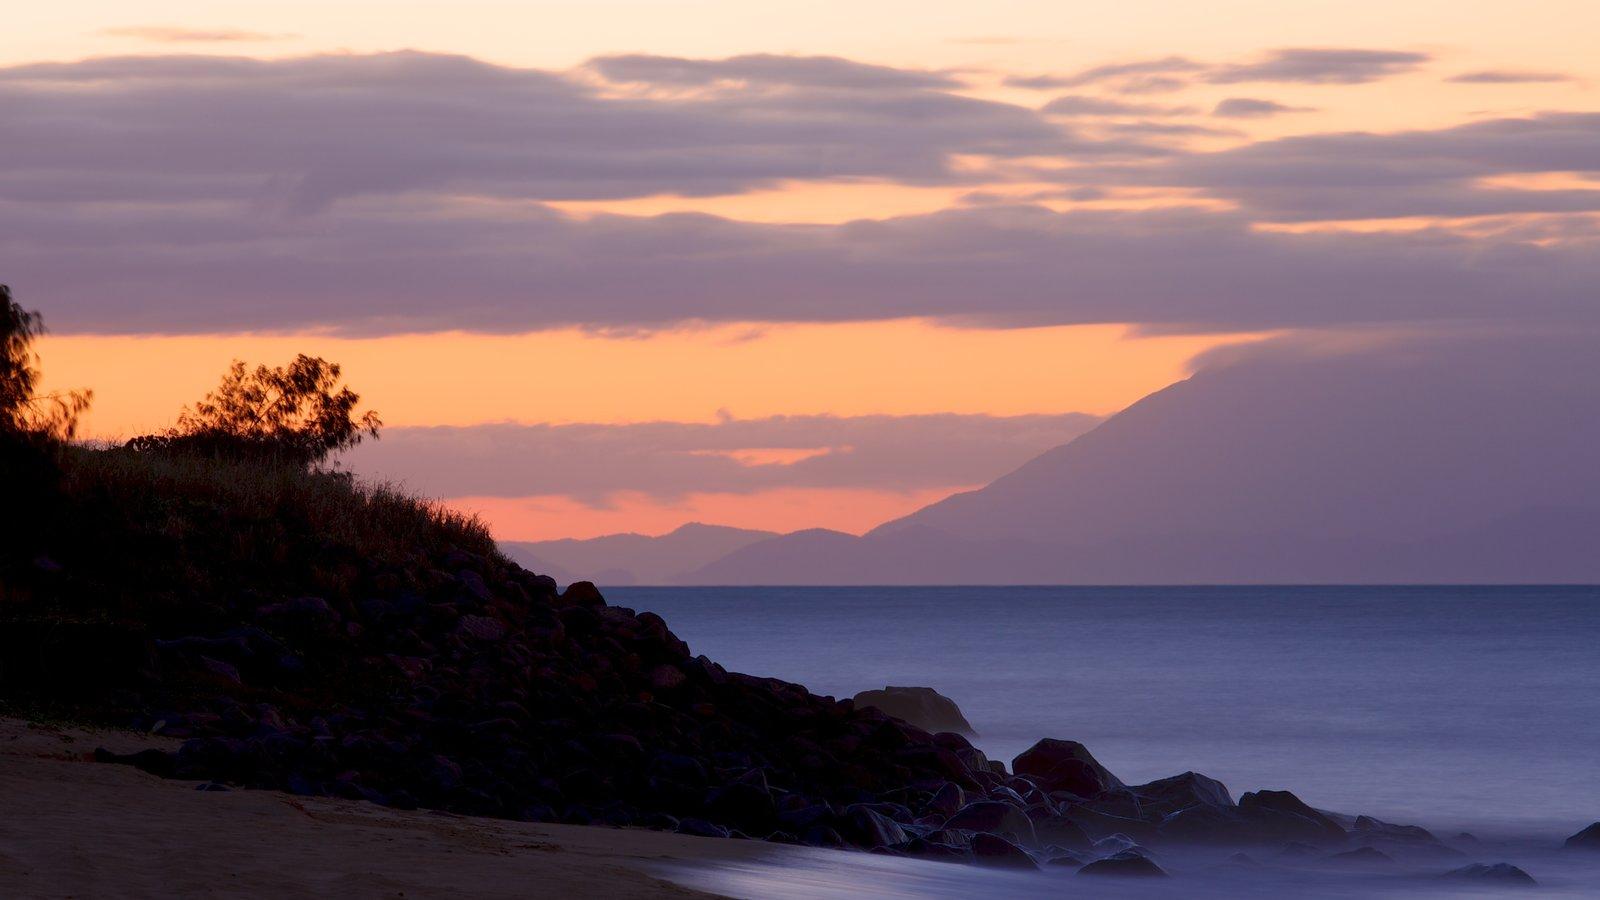 Cairns que incluye vistas de paisajes, vistas generales de la costa y una puesta de sol